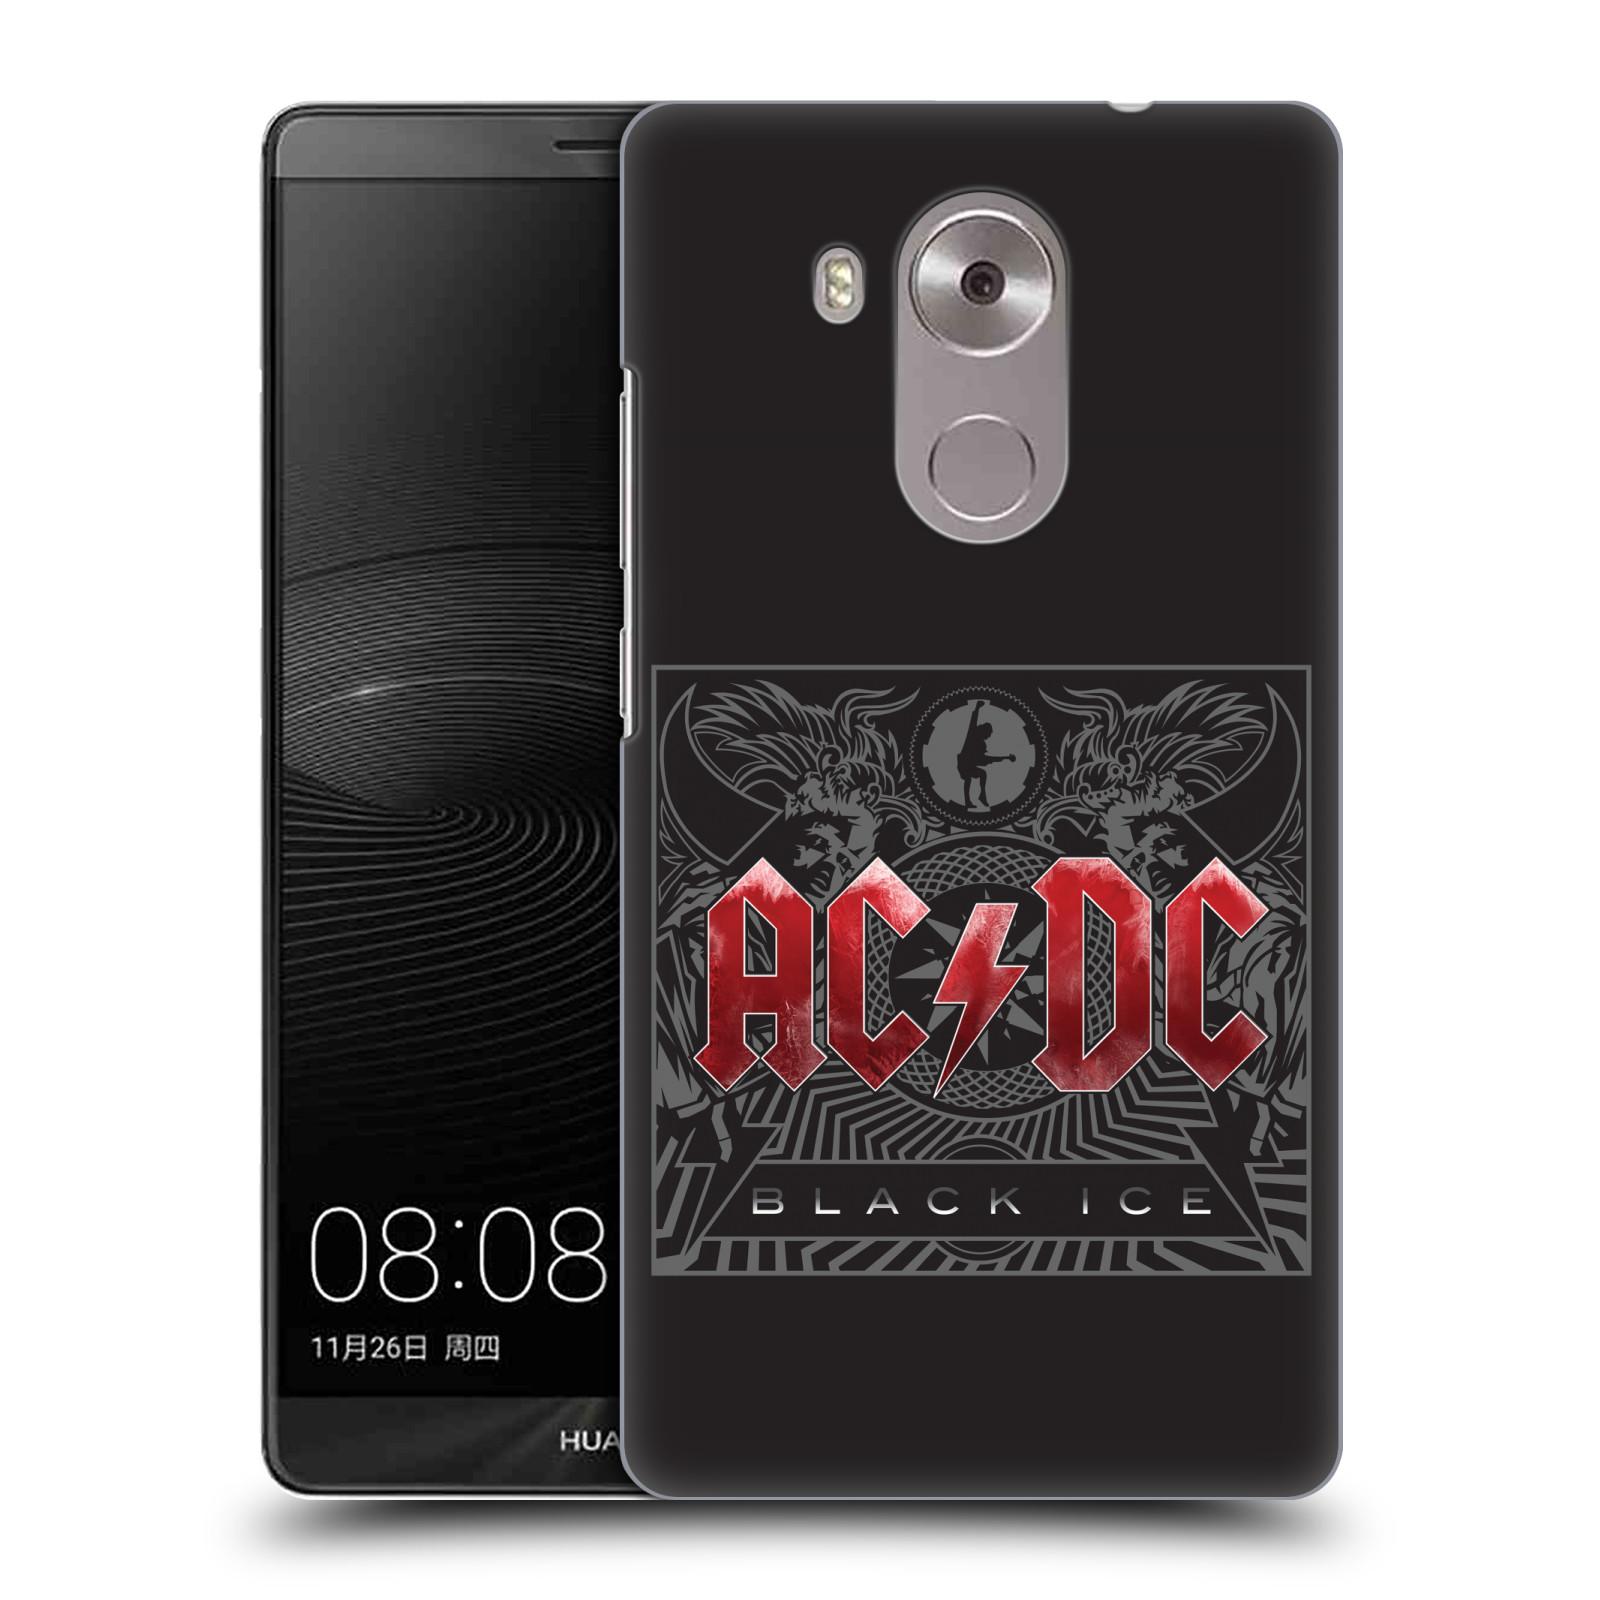 Plastové pouzdro na mobil Huawei Mate 8 HEAD CASE AC/DC Black Ice (Plastový kryt či obal na mobilní telefon s oficiálním motivem australské skupiny AC/DC pro Huawei Ascend MATE8)